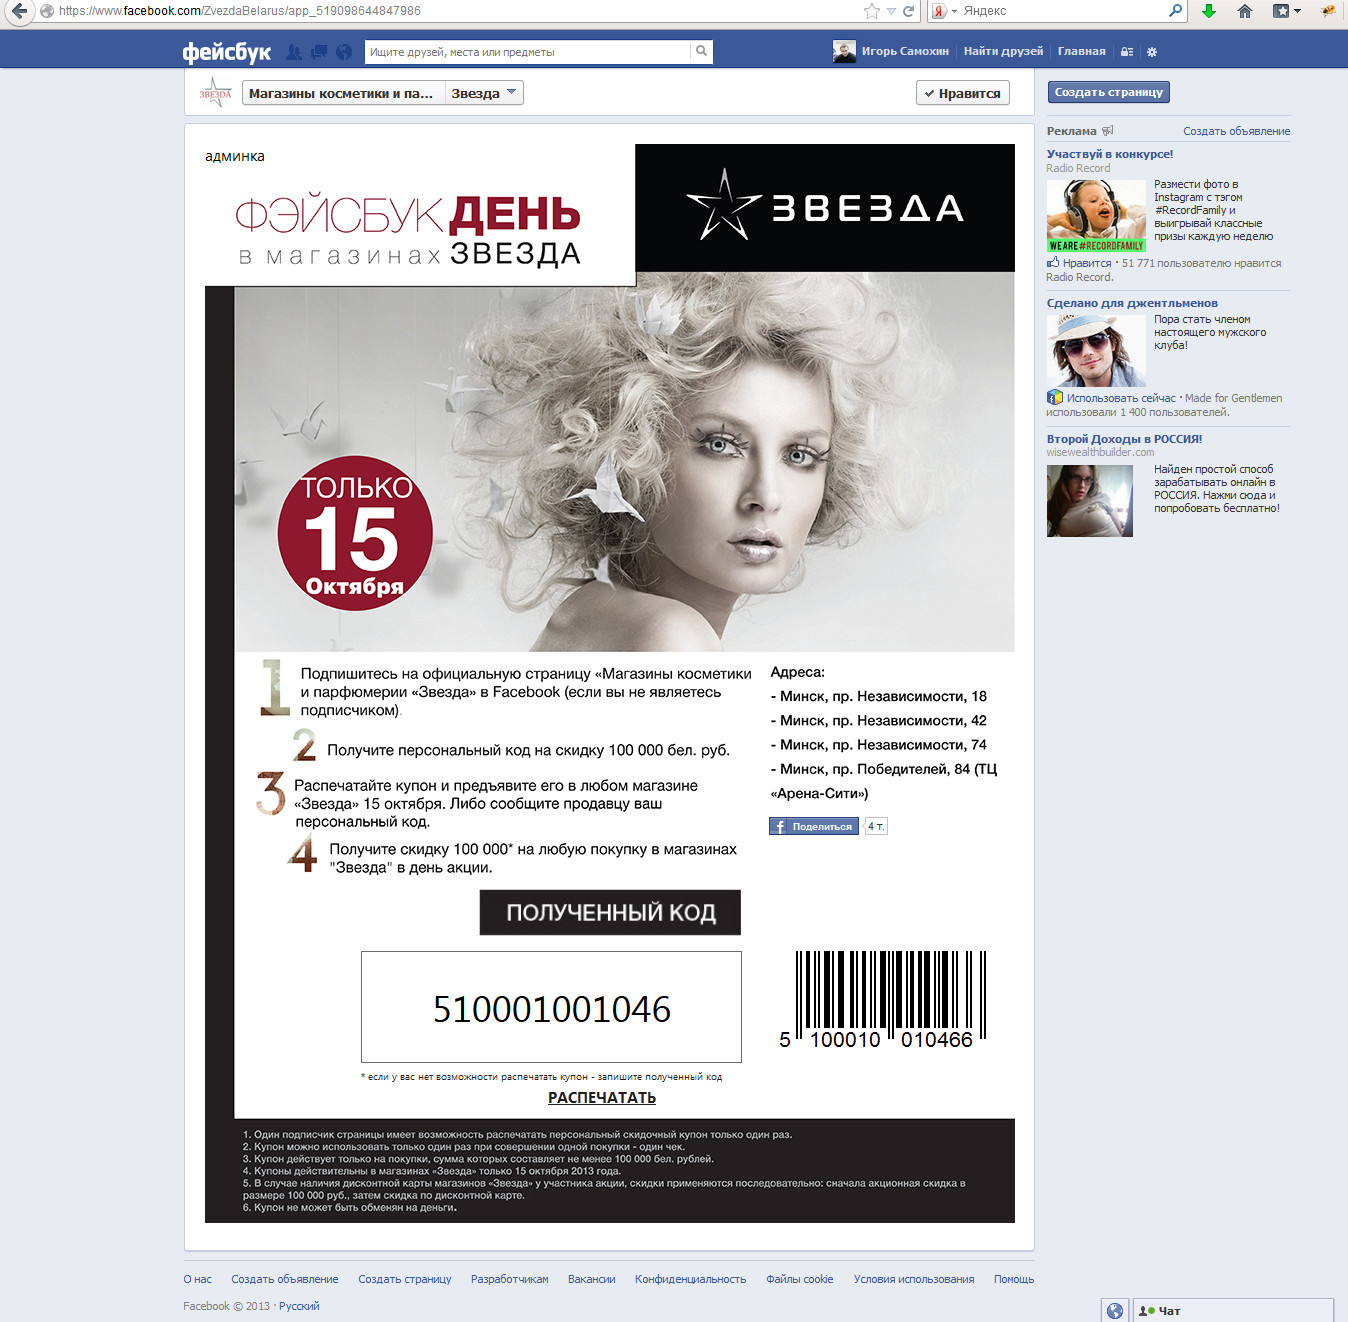 Приложение для facebook. Генерация кодов со скидкой для магазина косметики